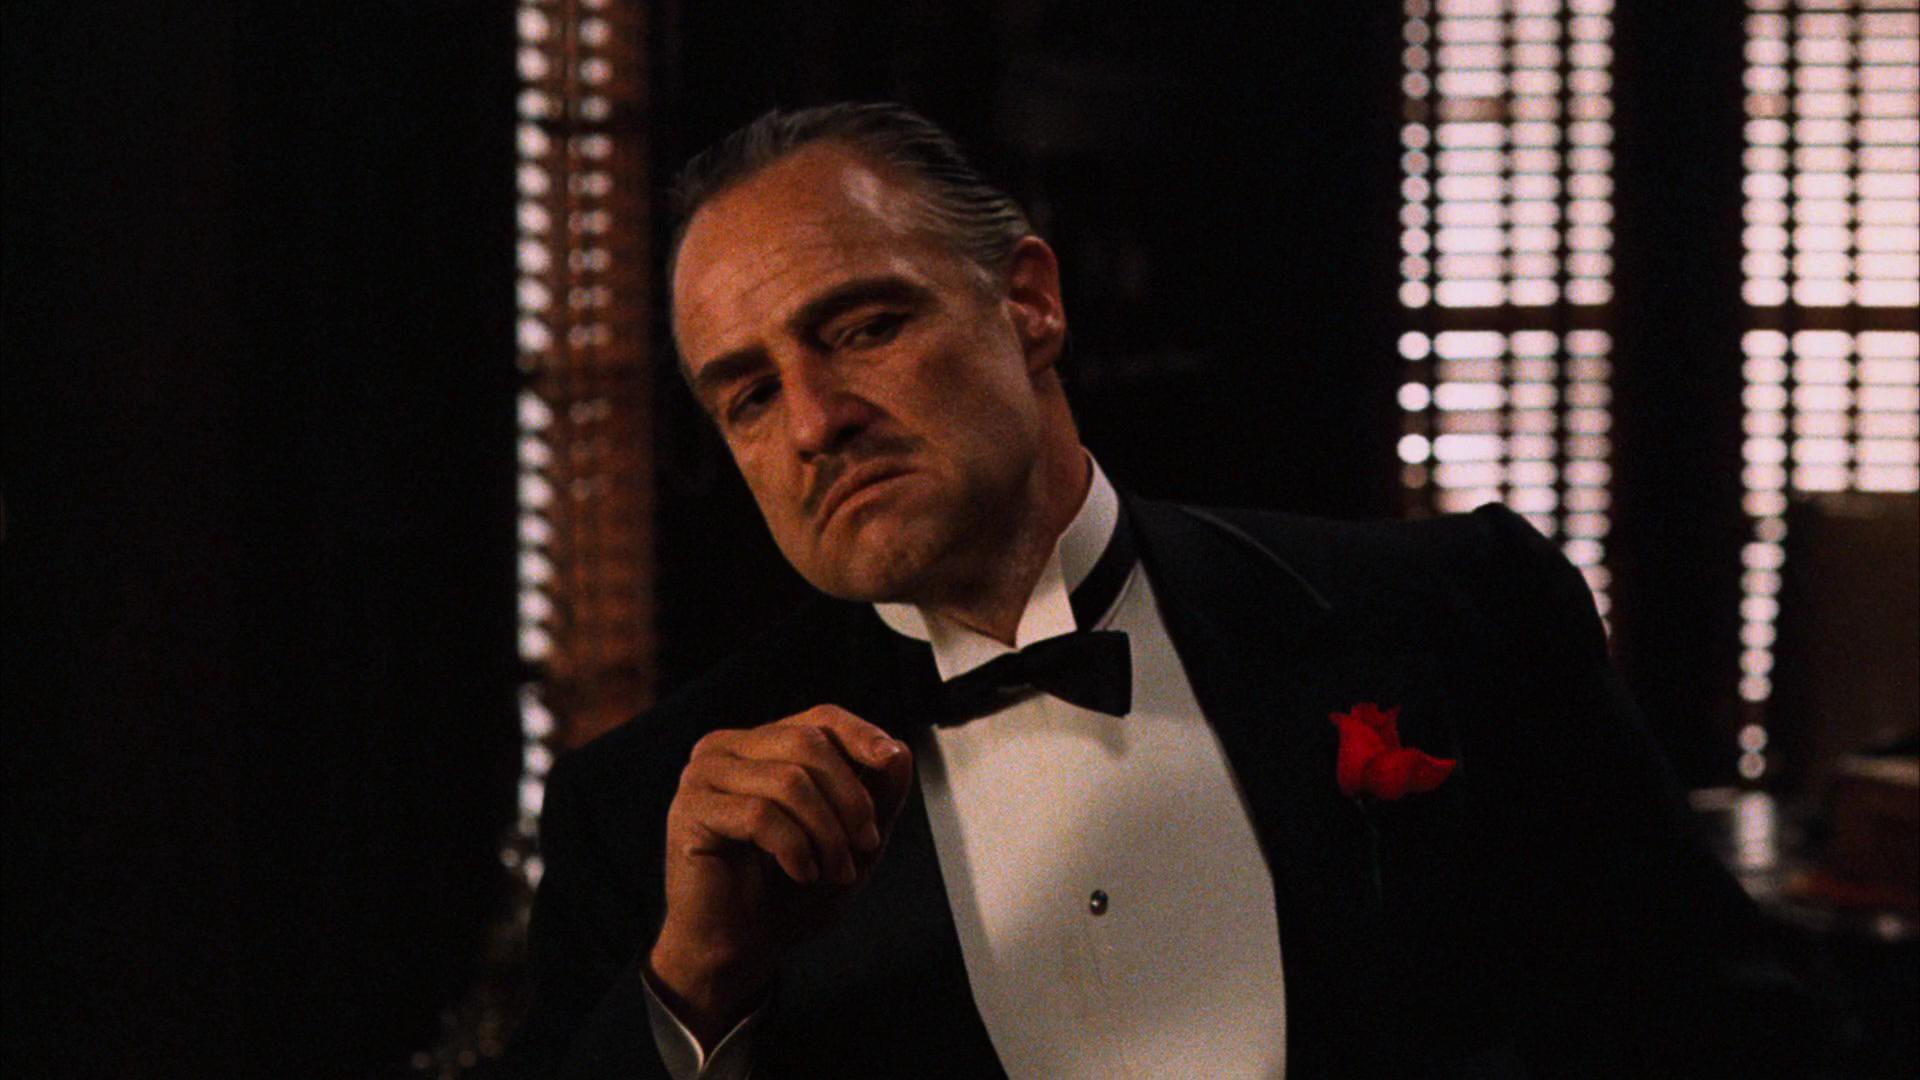 The-Godfather-1972-Marlon-Brando-as-Don-Vito-Corleone.jpg